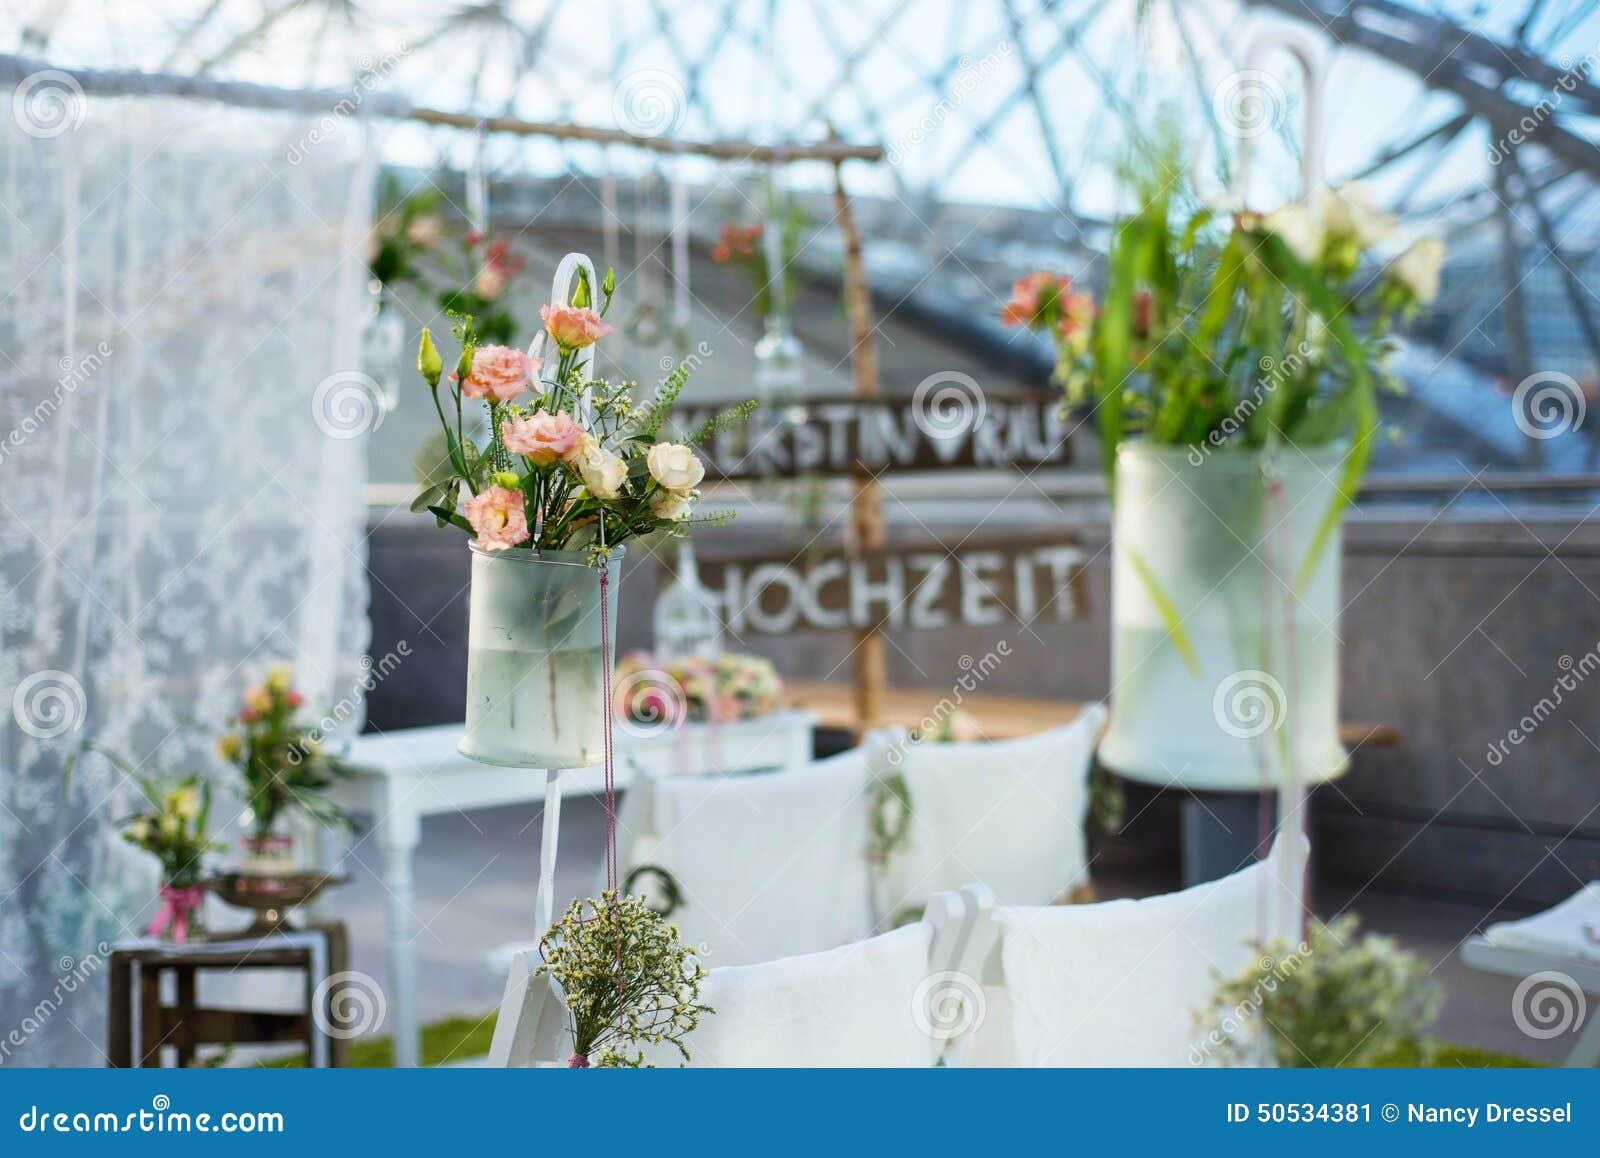 Huwelijksdecoratie met bloemen